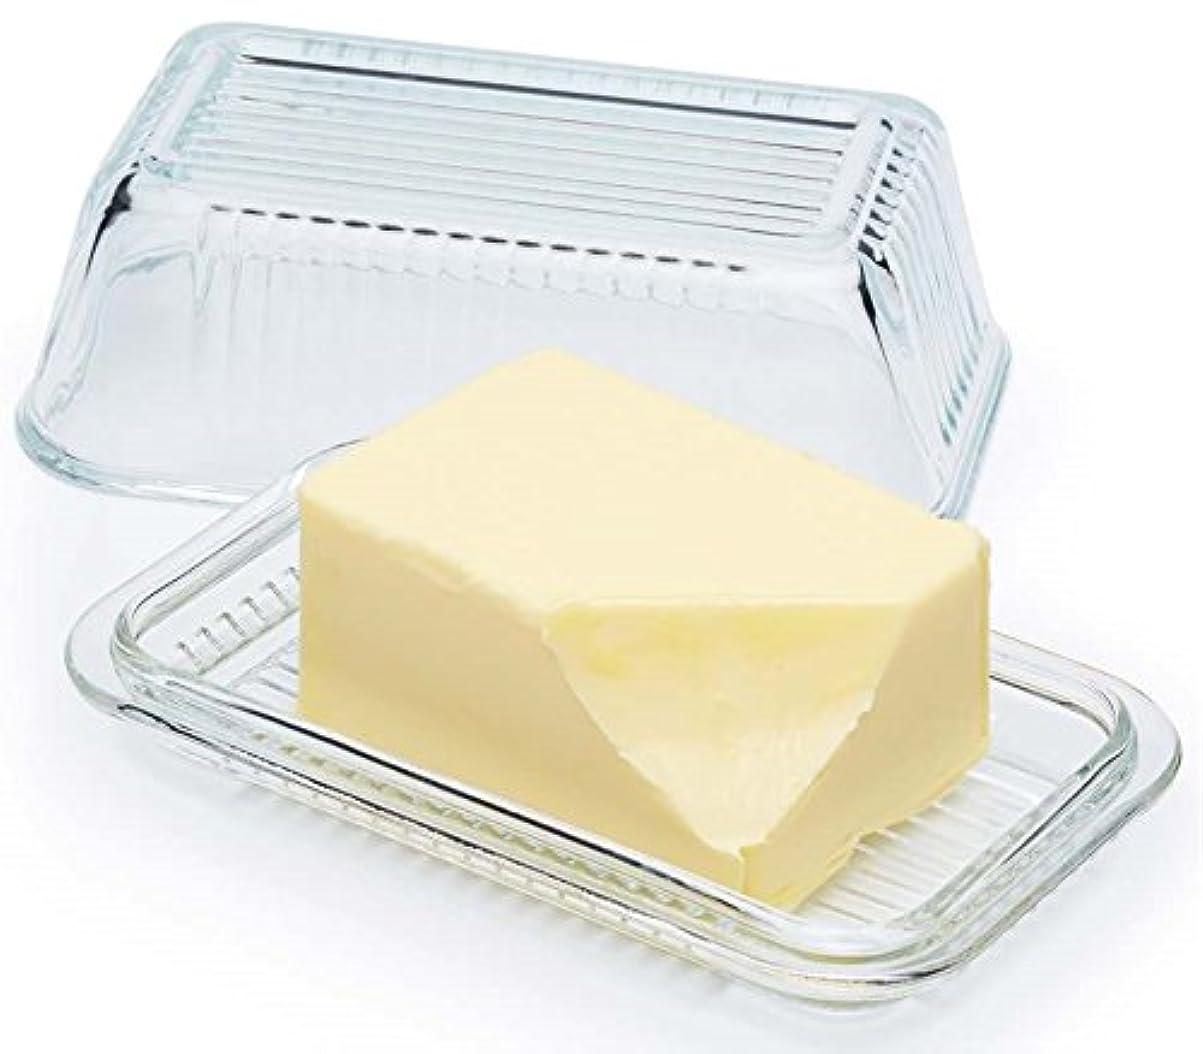 怒るエピソード連続的Circleware Farm Glass Butter Cream Cheesh Multi Purpose Dish with Glass Lid, 6.75 x 4 by Circleware